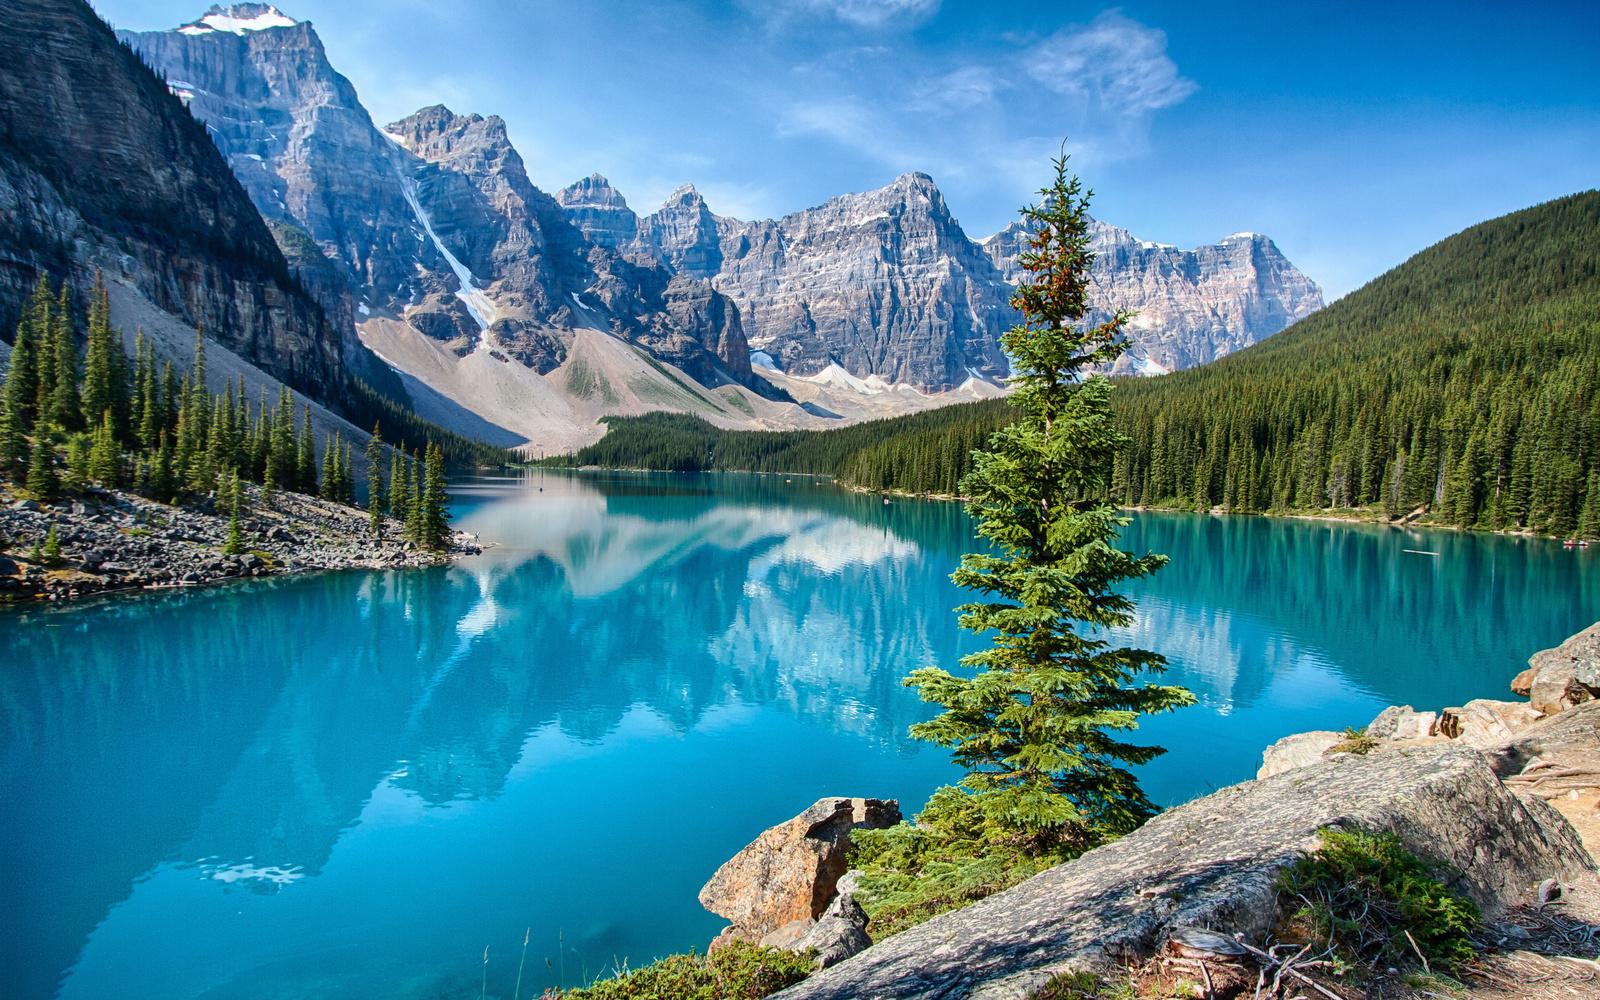 صورة خلفيات مناظر طبيعية , صور طبيعية خلابة تصور عظيم صنع الخالق